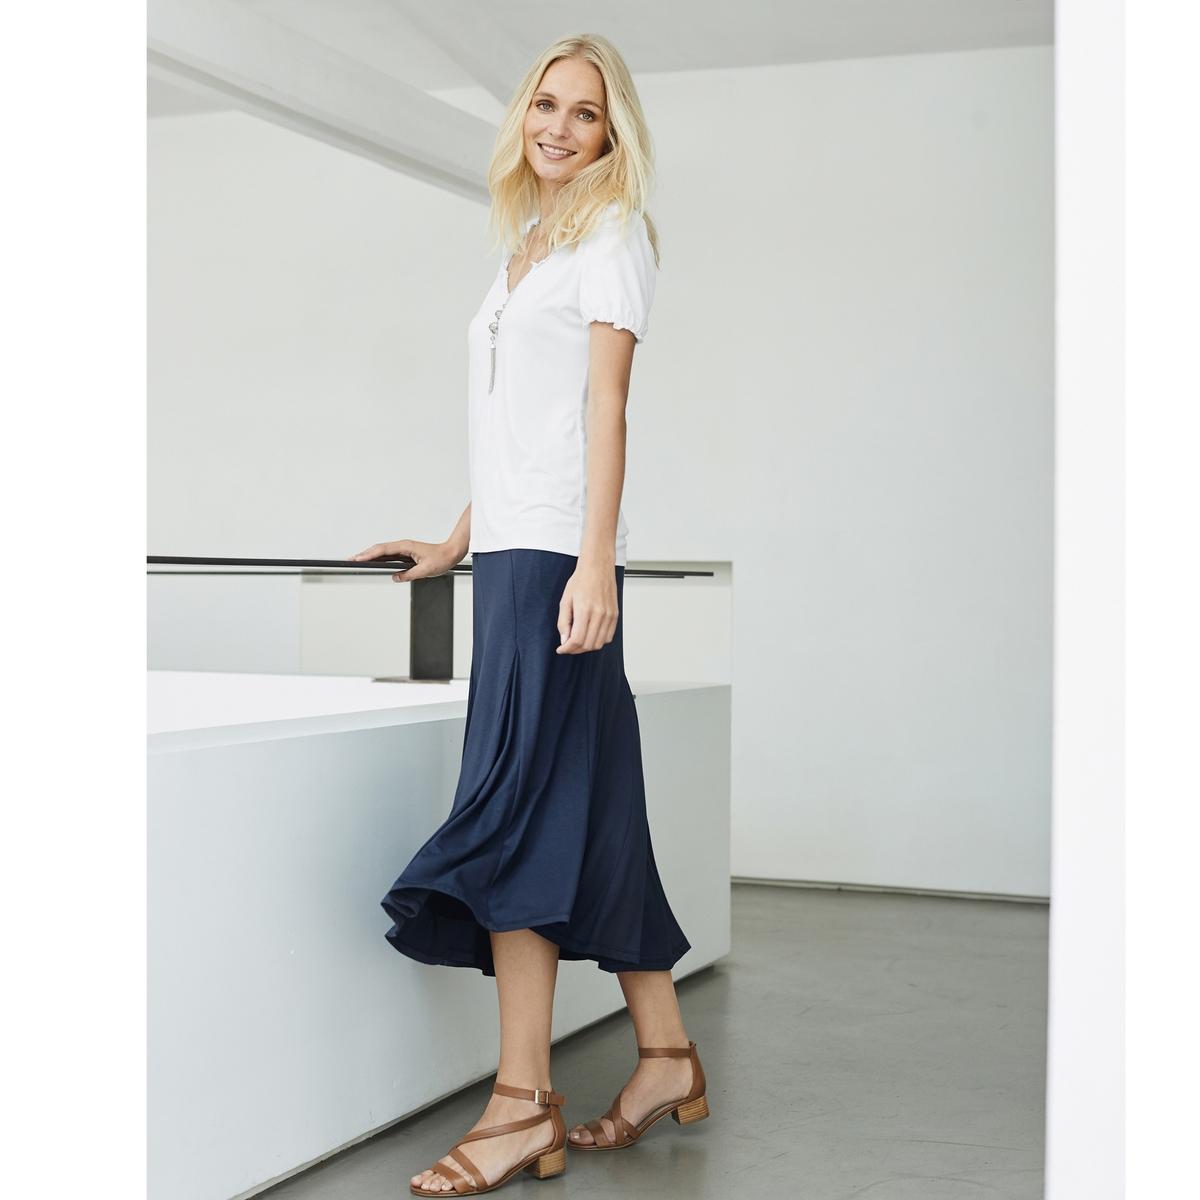 Imagen principal de producto de Camiseta fantasía, tejido vaporoso - Anne weyburn